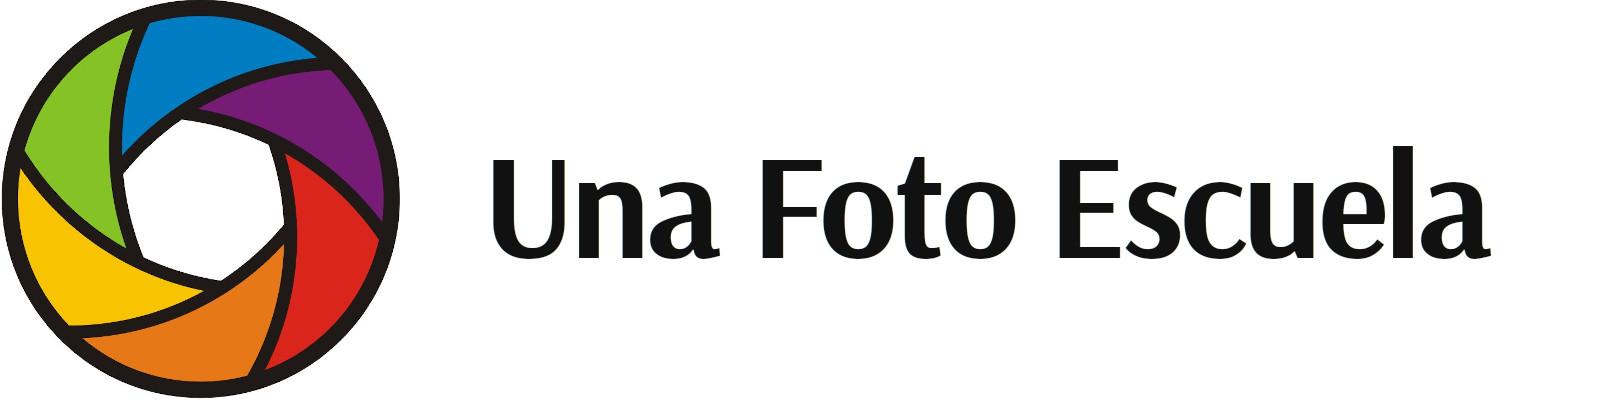 Una Foto Escuela